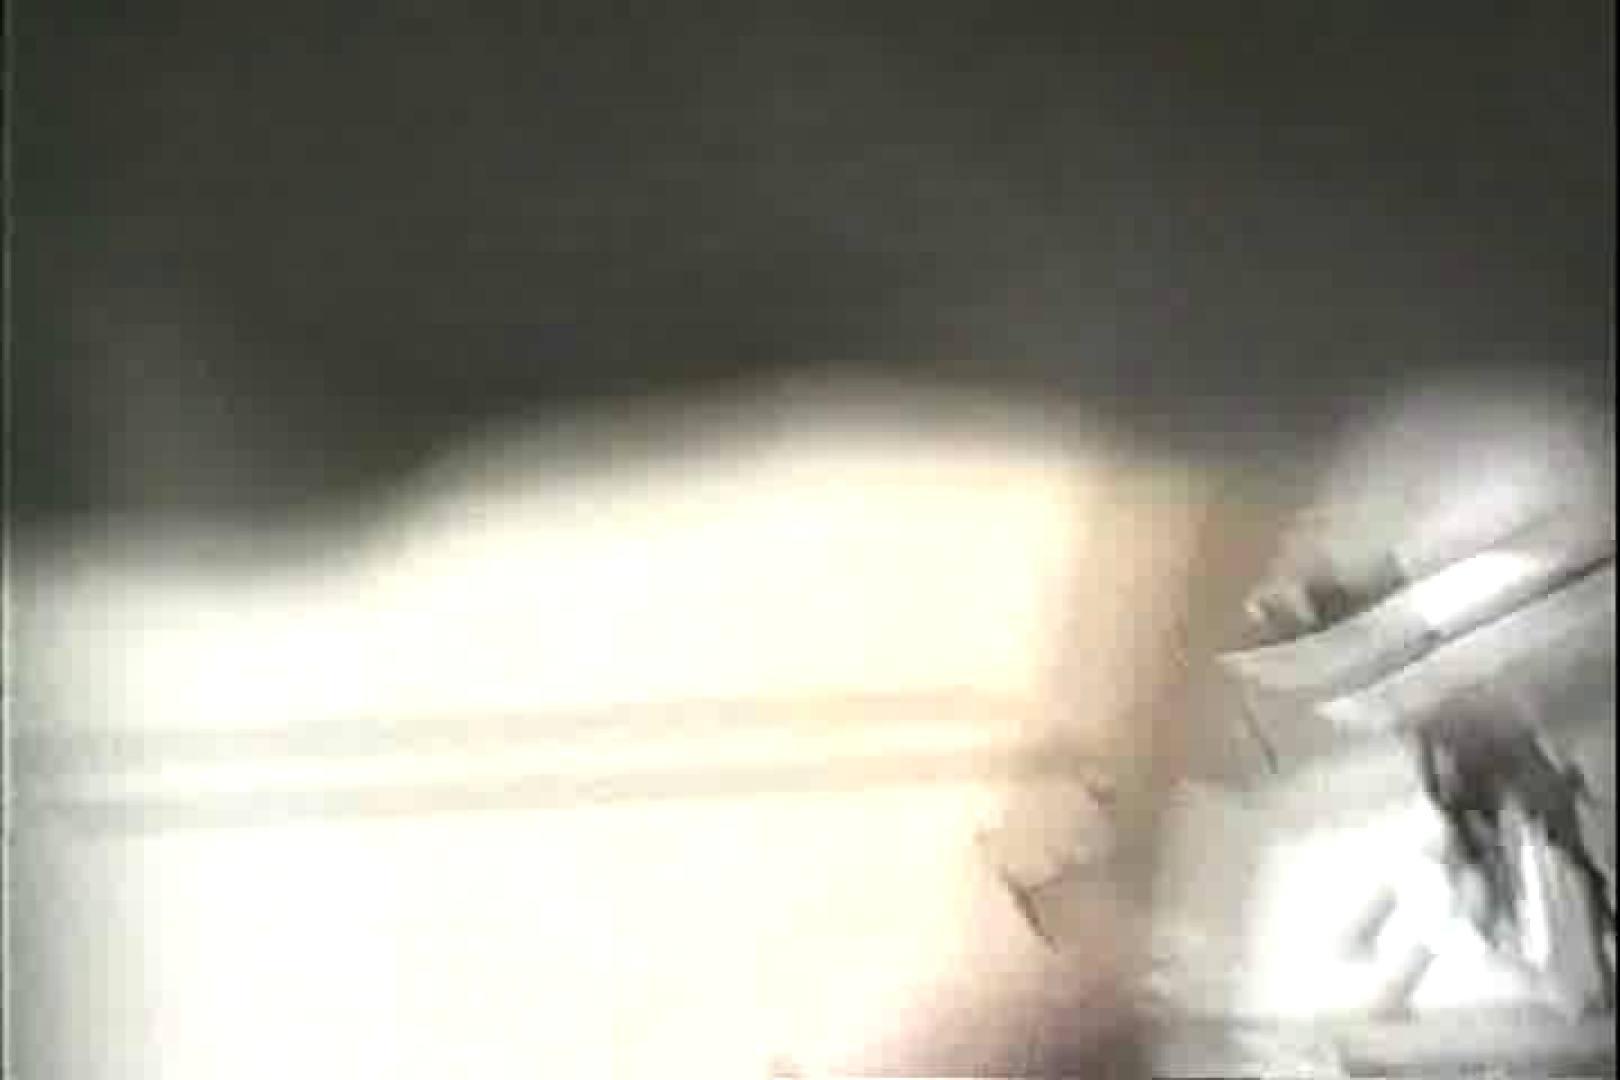 「ちくりん」さんのオリジナル未編集パンチラVol.3_02 チラ歓迎 オマンコ動画キャプチャ 81pic 7